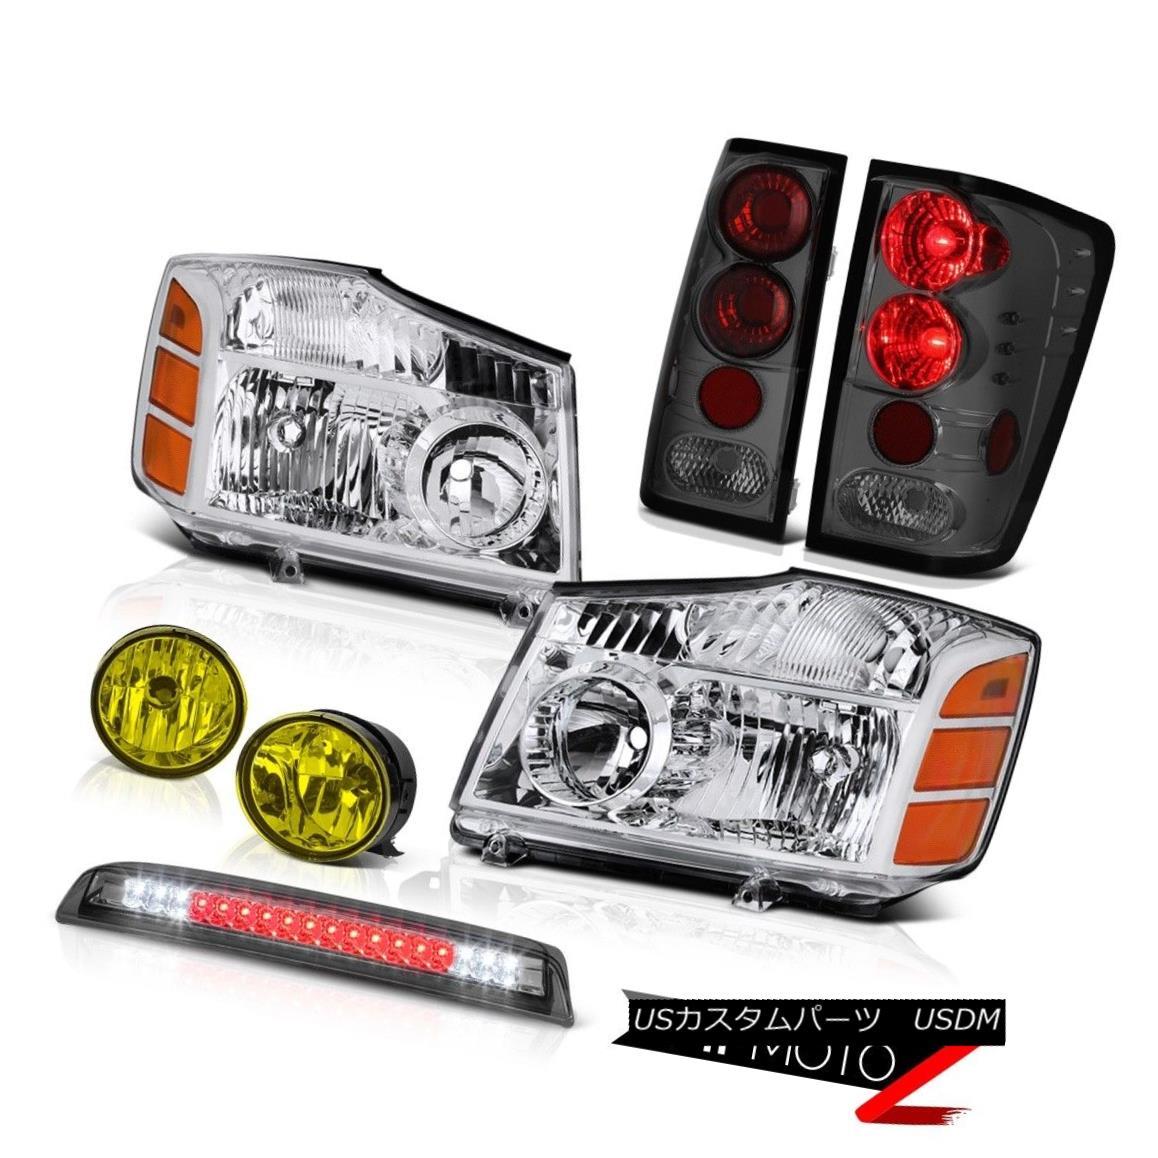 ヘッドライト For 04-15 Titan Factory Style Headlights Tail Lights Yellow Fog Smoke Brake LED 04-15タイタンの工場スタイルヘッドライトテールライトイエローフォグスモークブレーキLED